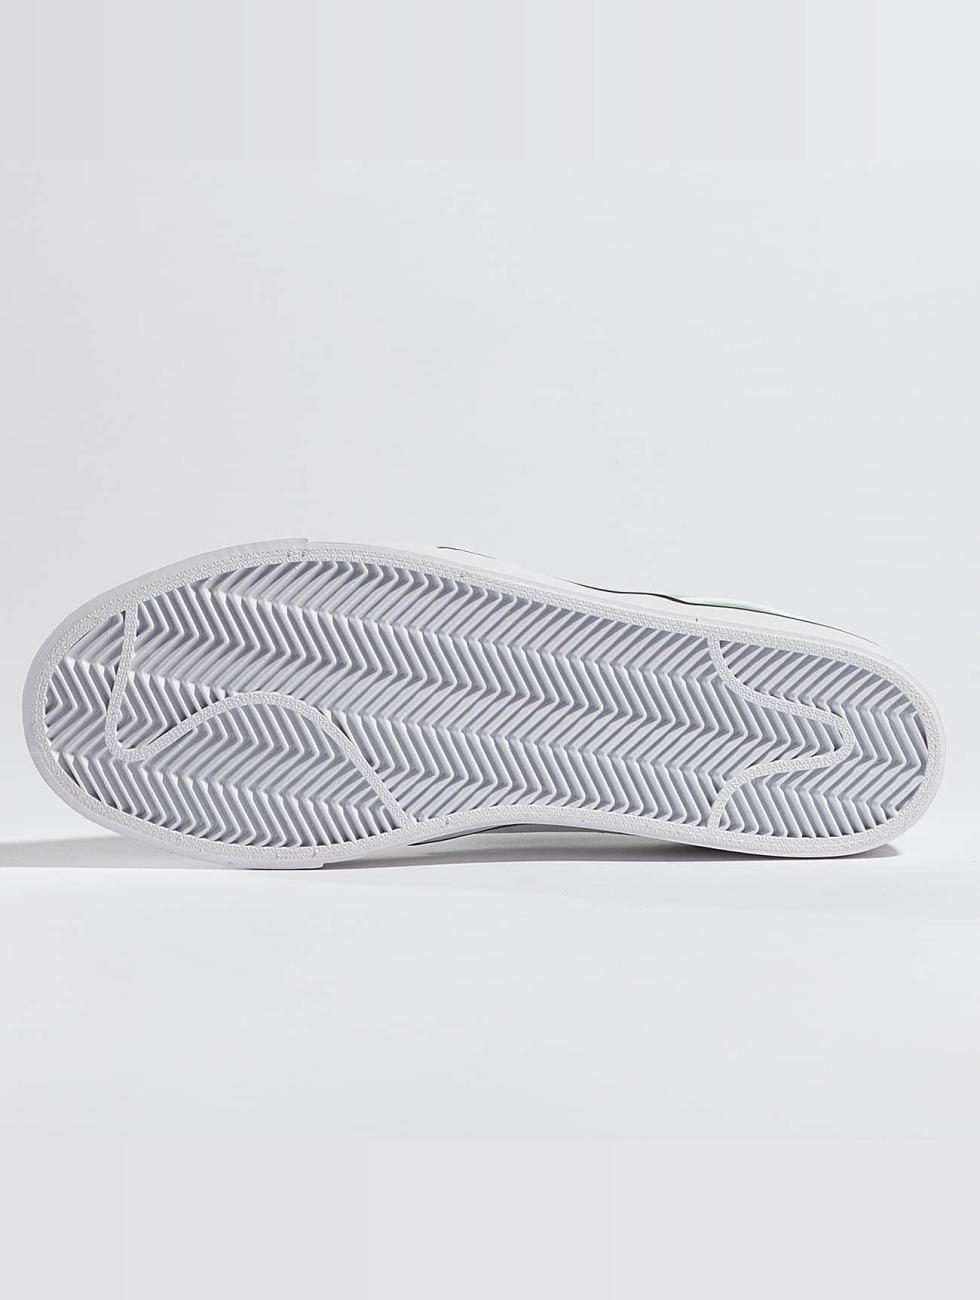 Nike Sb Sko / Sneaker Sb Zoom Stefan Janoski I Grønt 331949 Footlocker Målgang Billig Pris Samlinger For Salg Kjøpe Billig Lav Frakt adhsg8